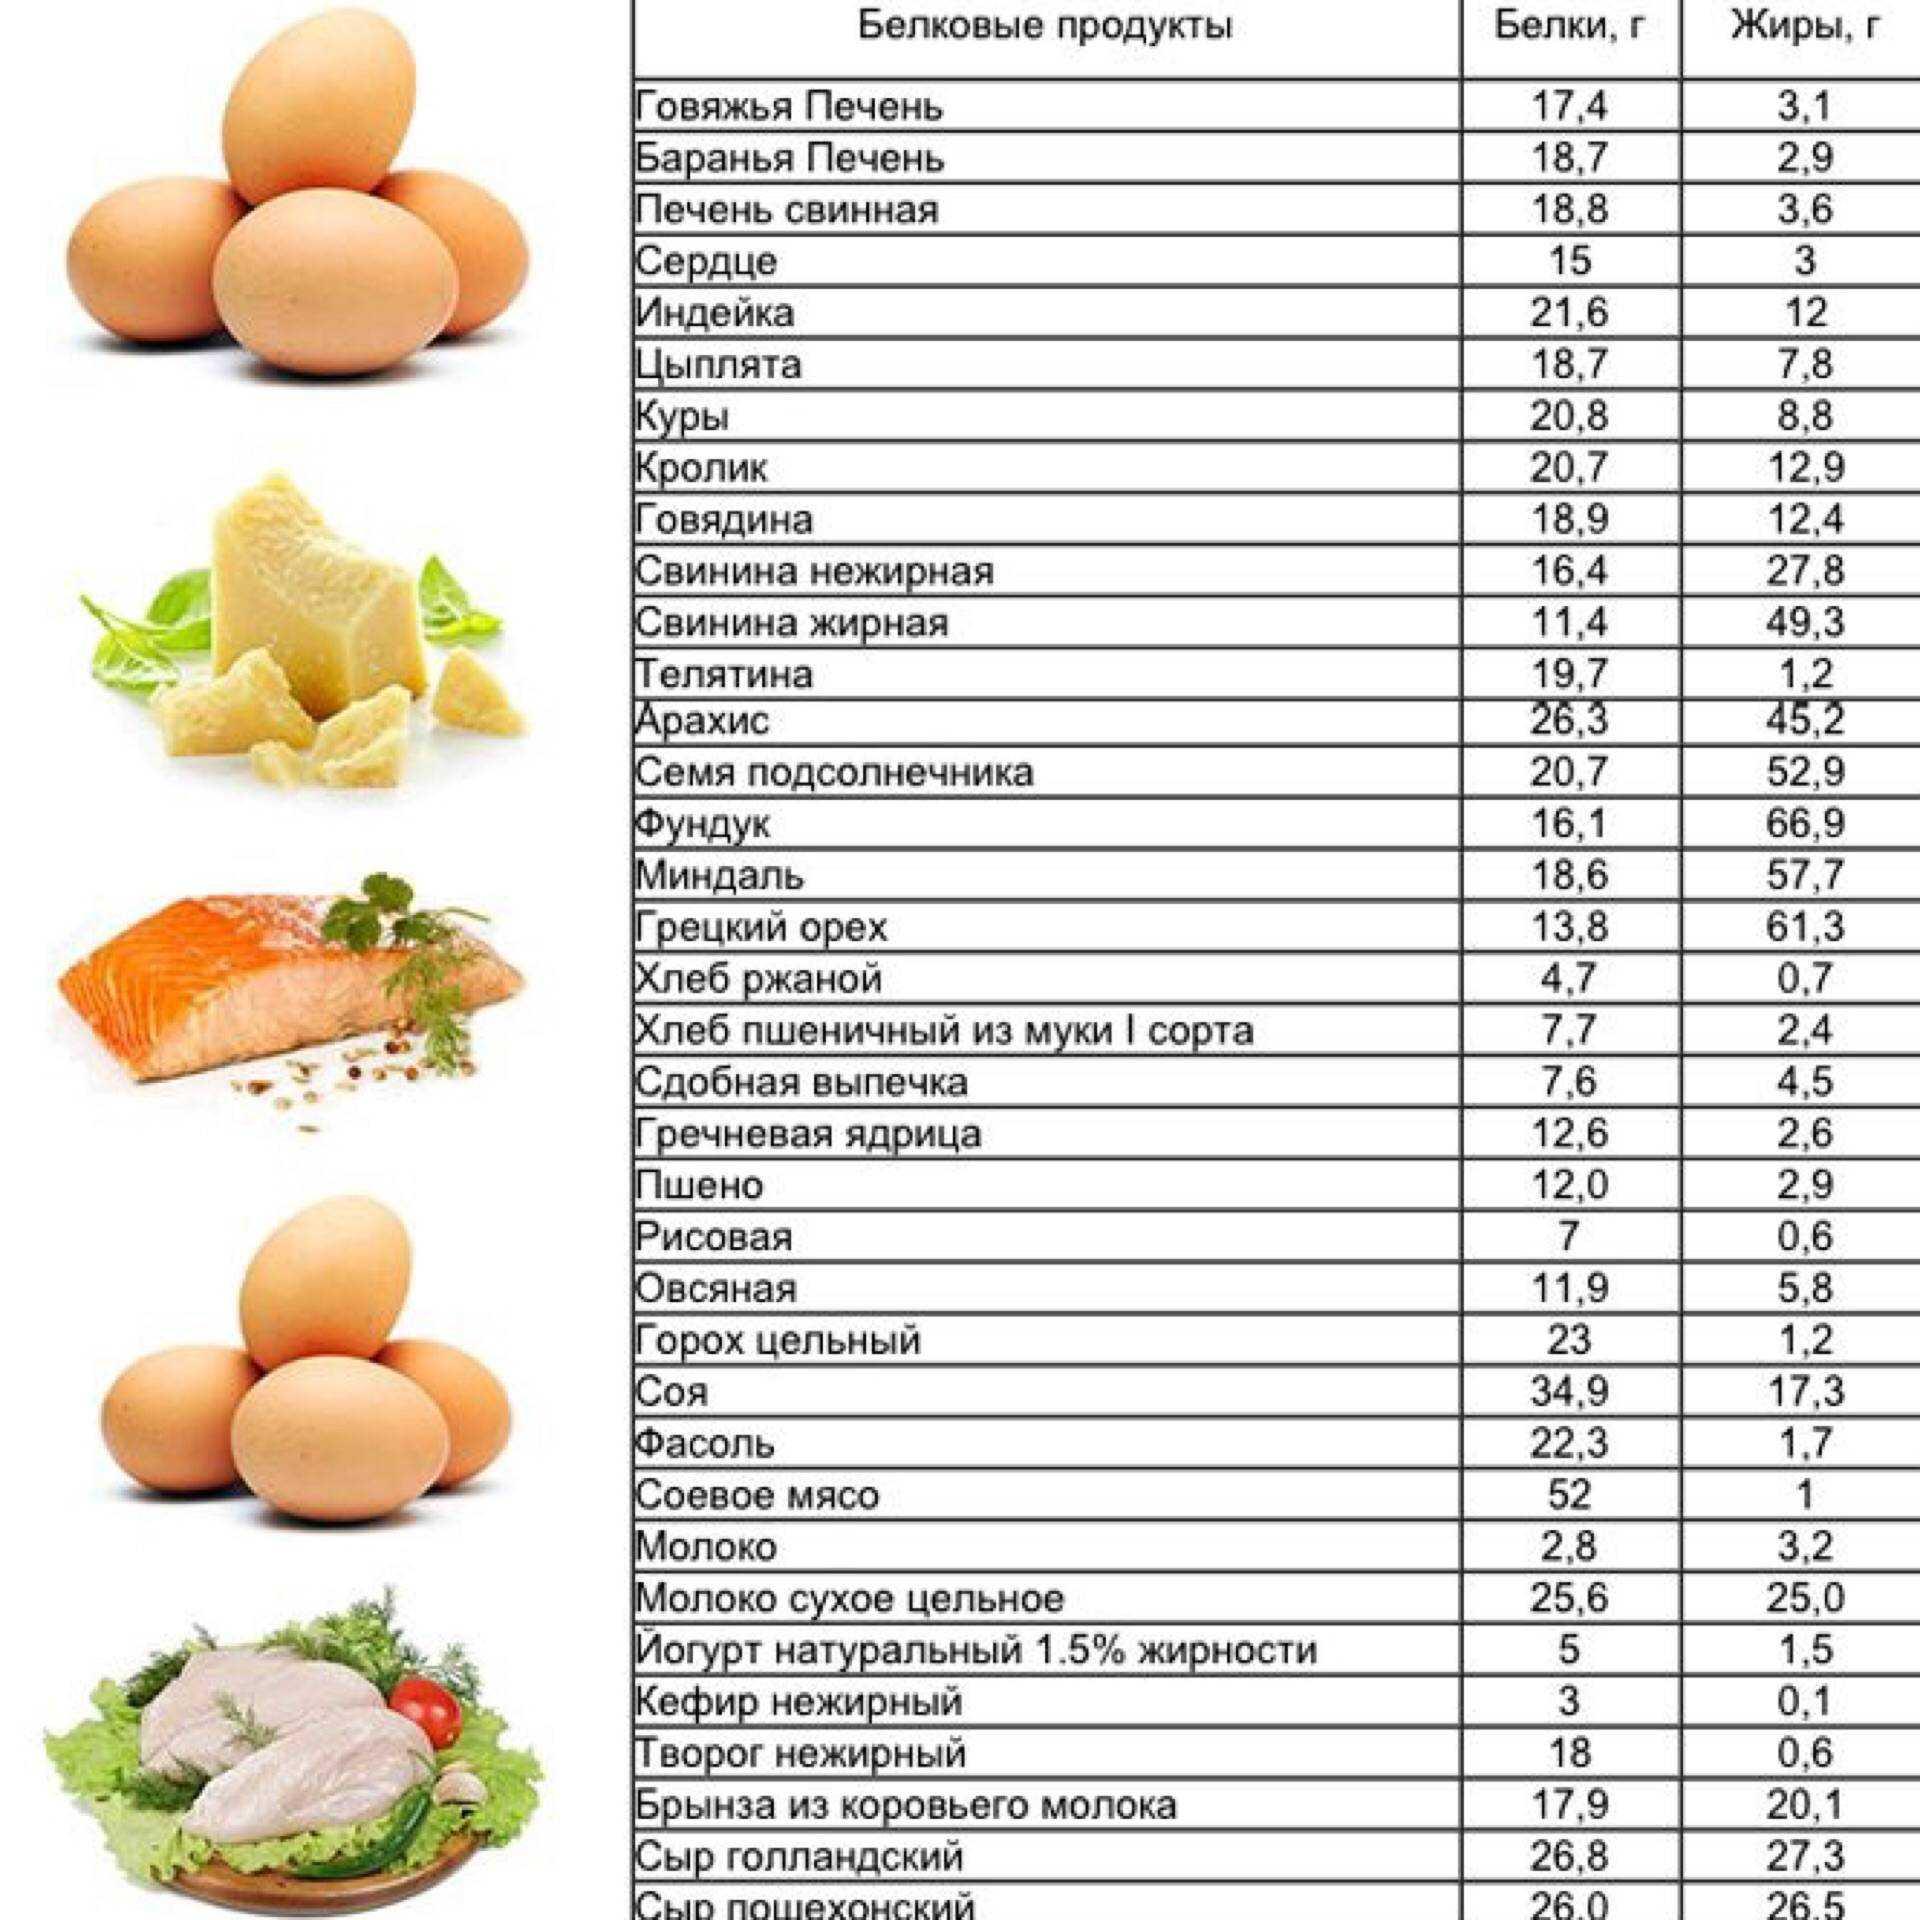 Углеводная диета для похудения: эффективные меню - минус 10 кг легко - похудейкина